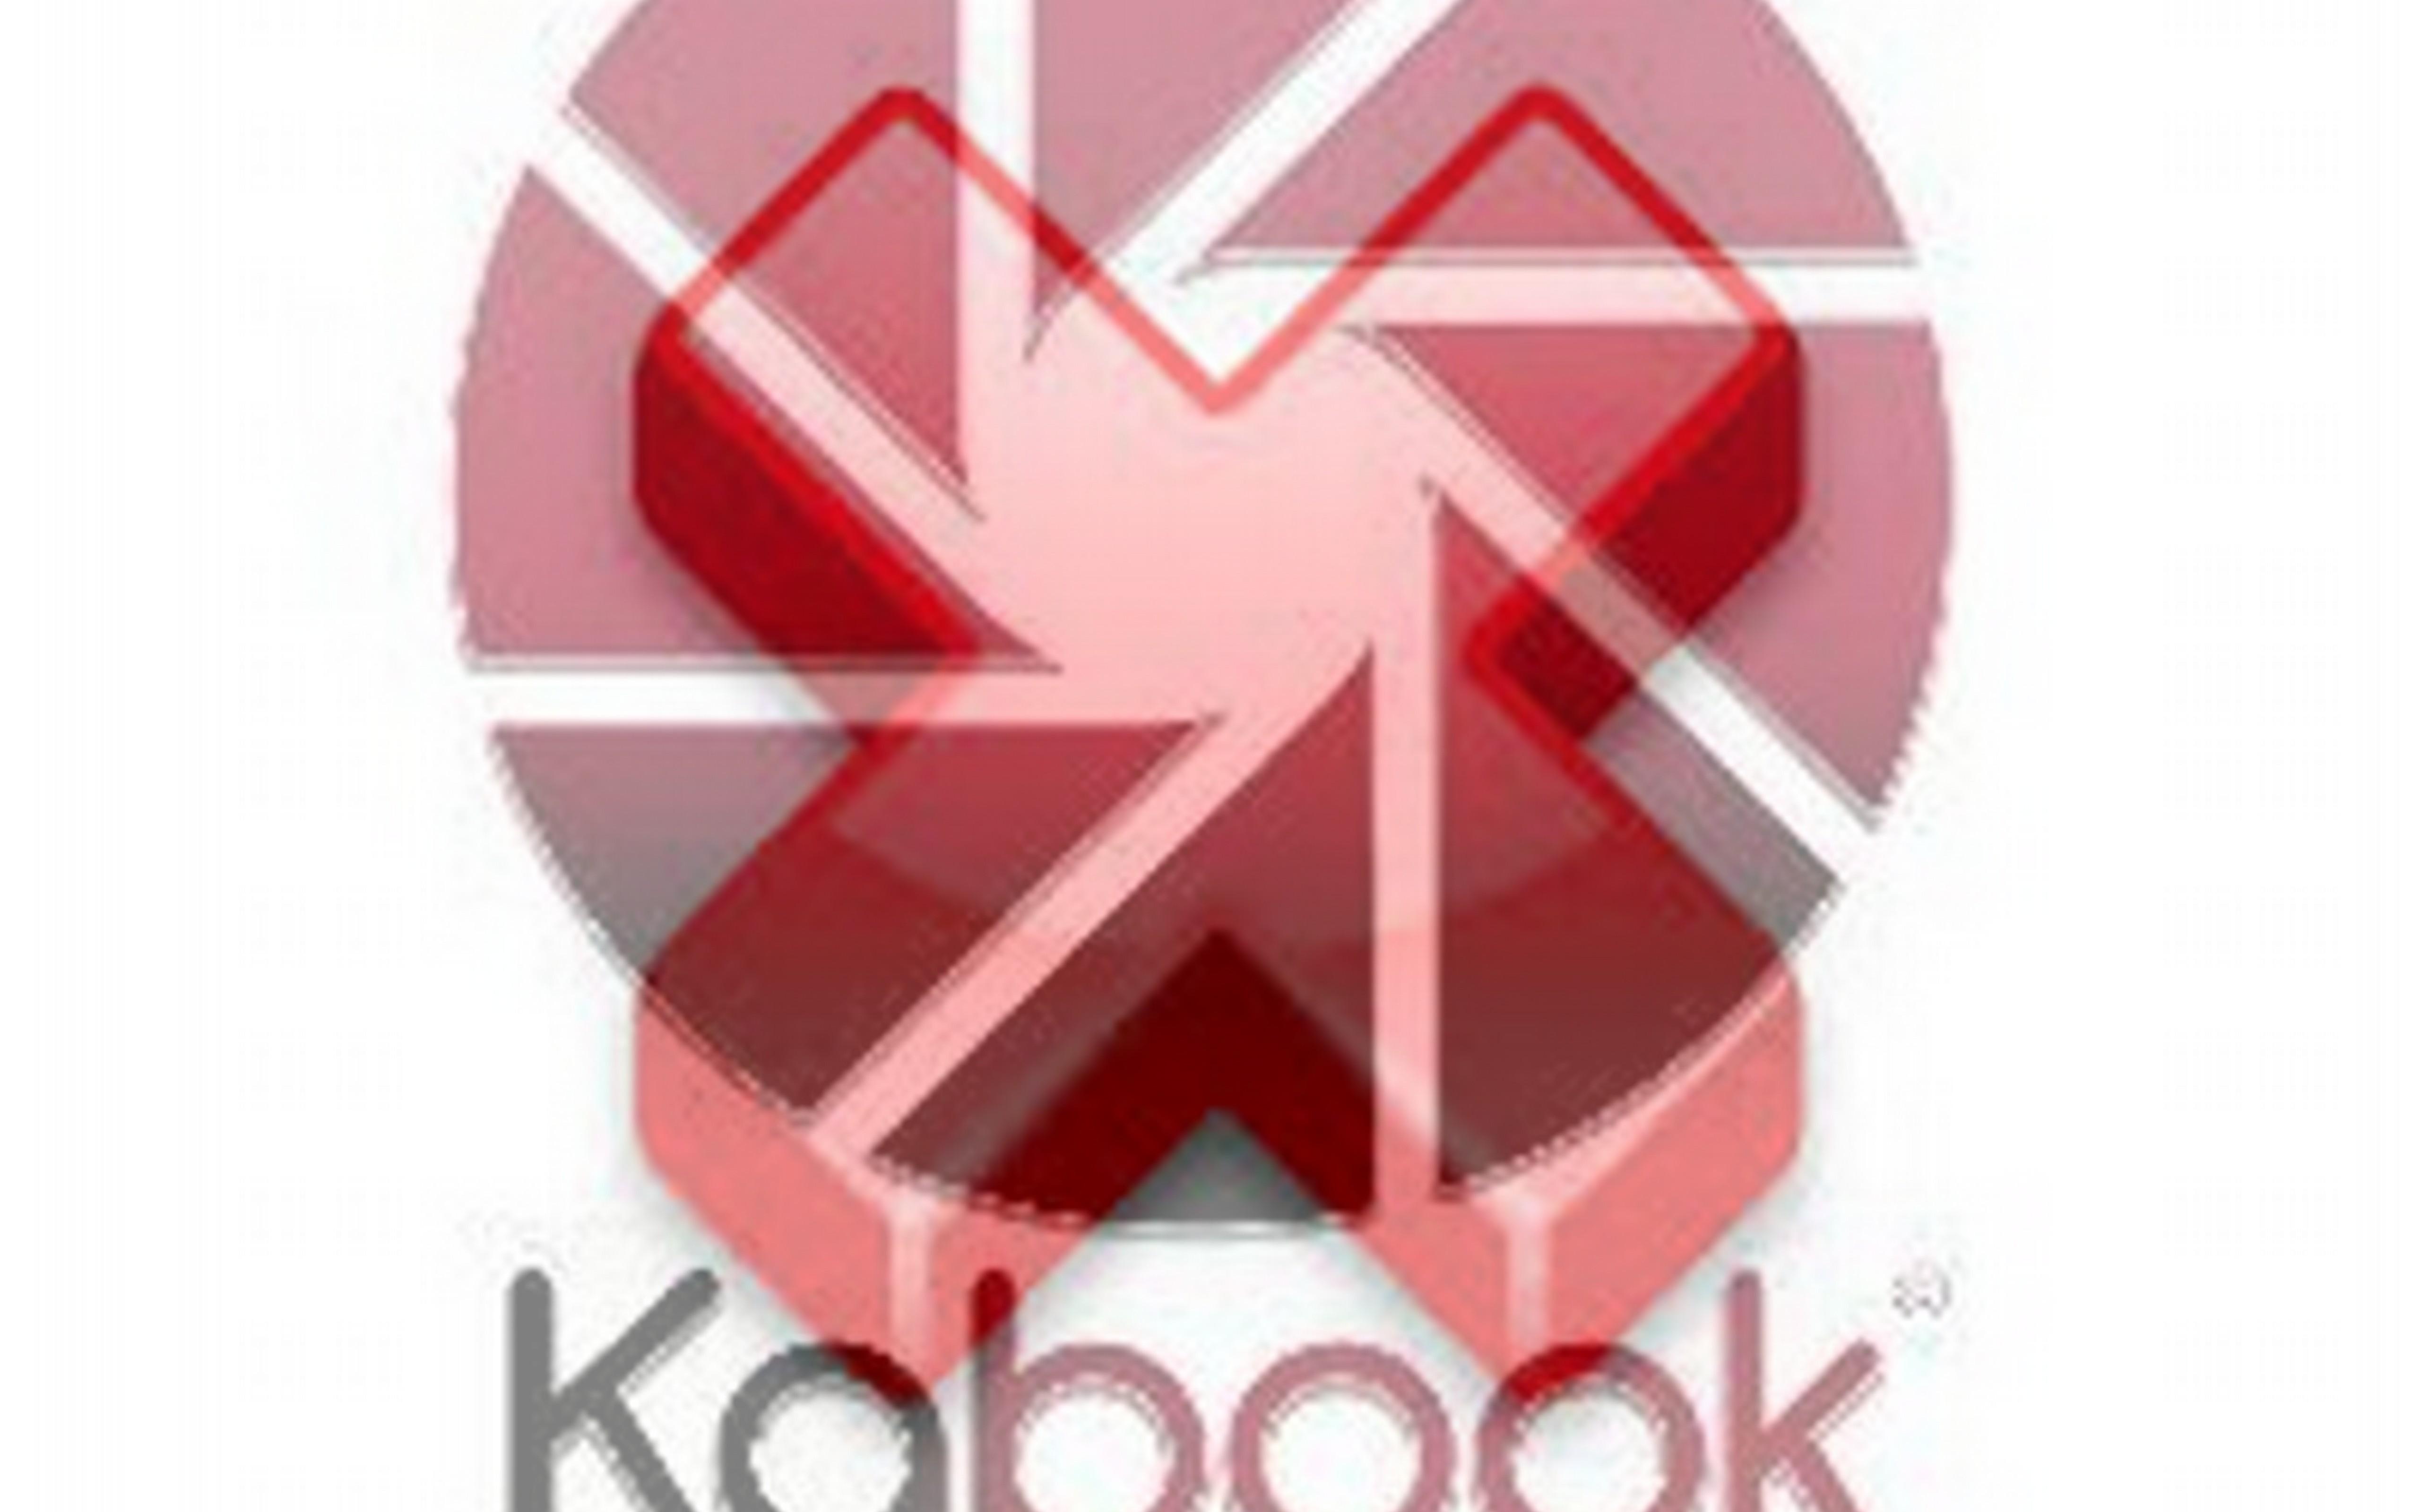 supprimer-kabook